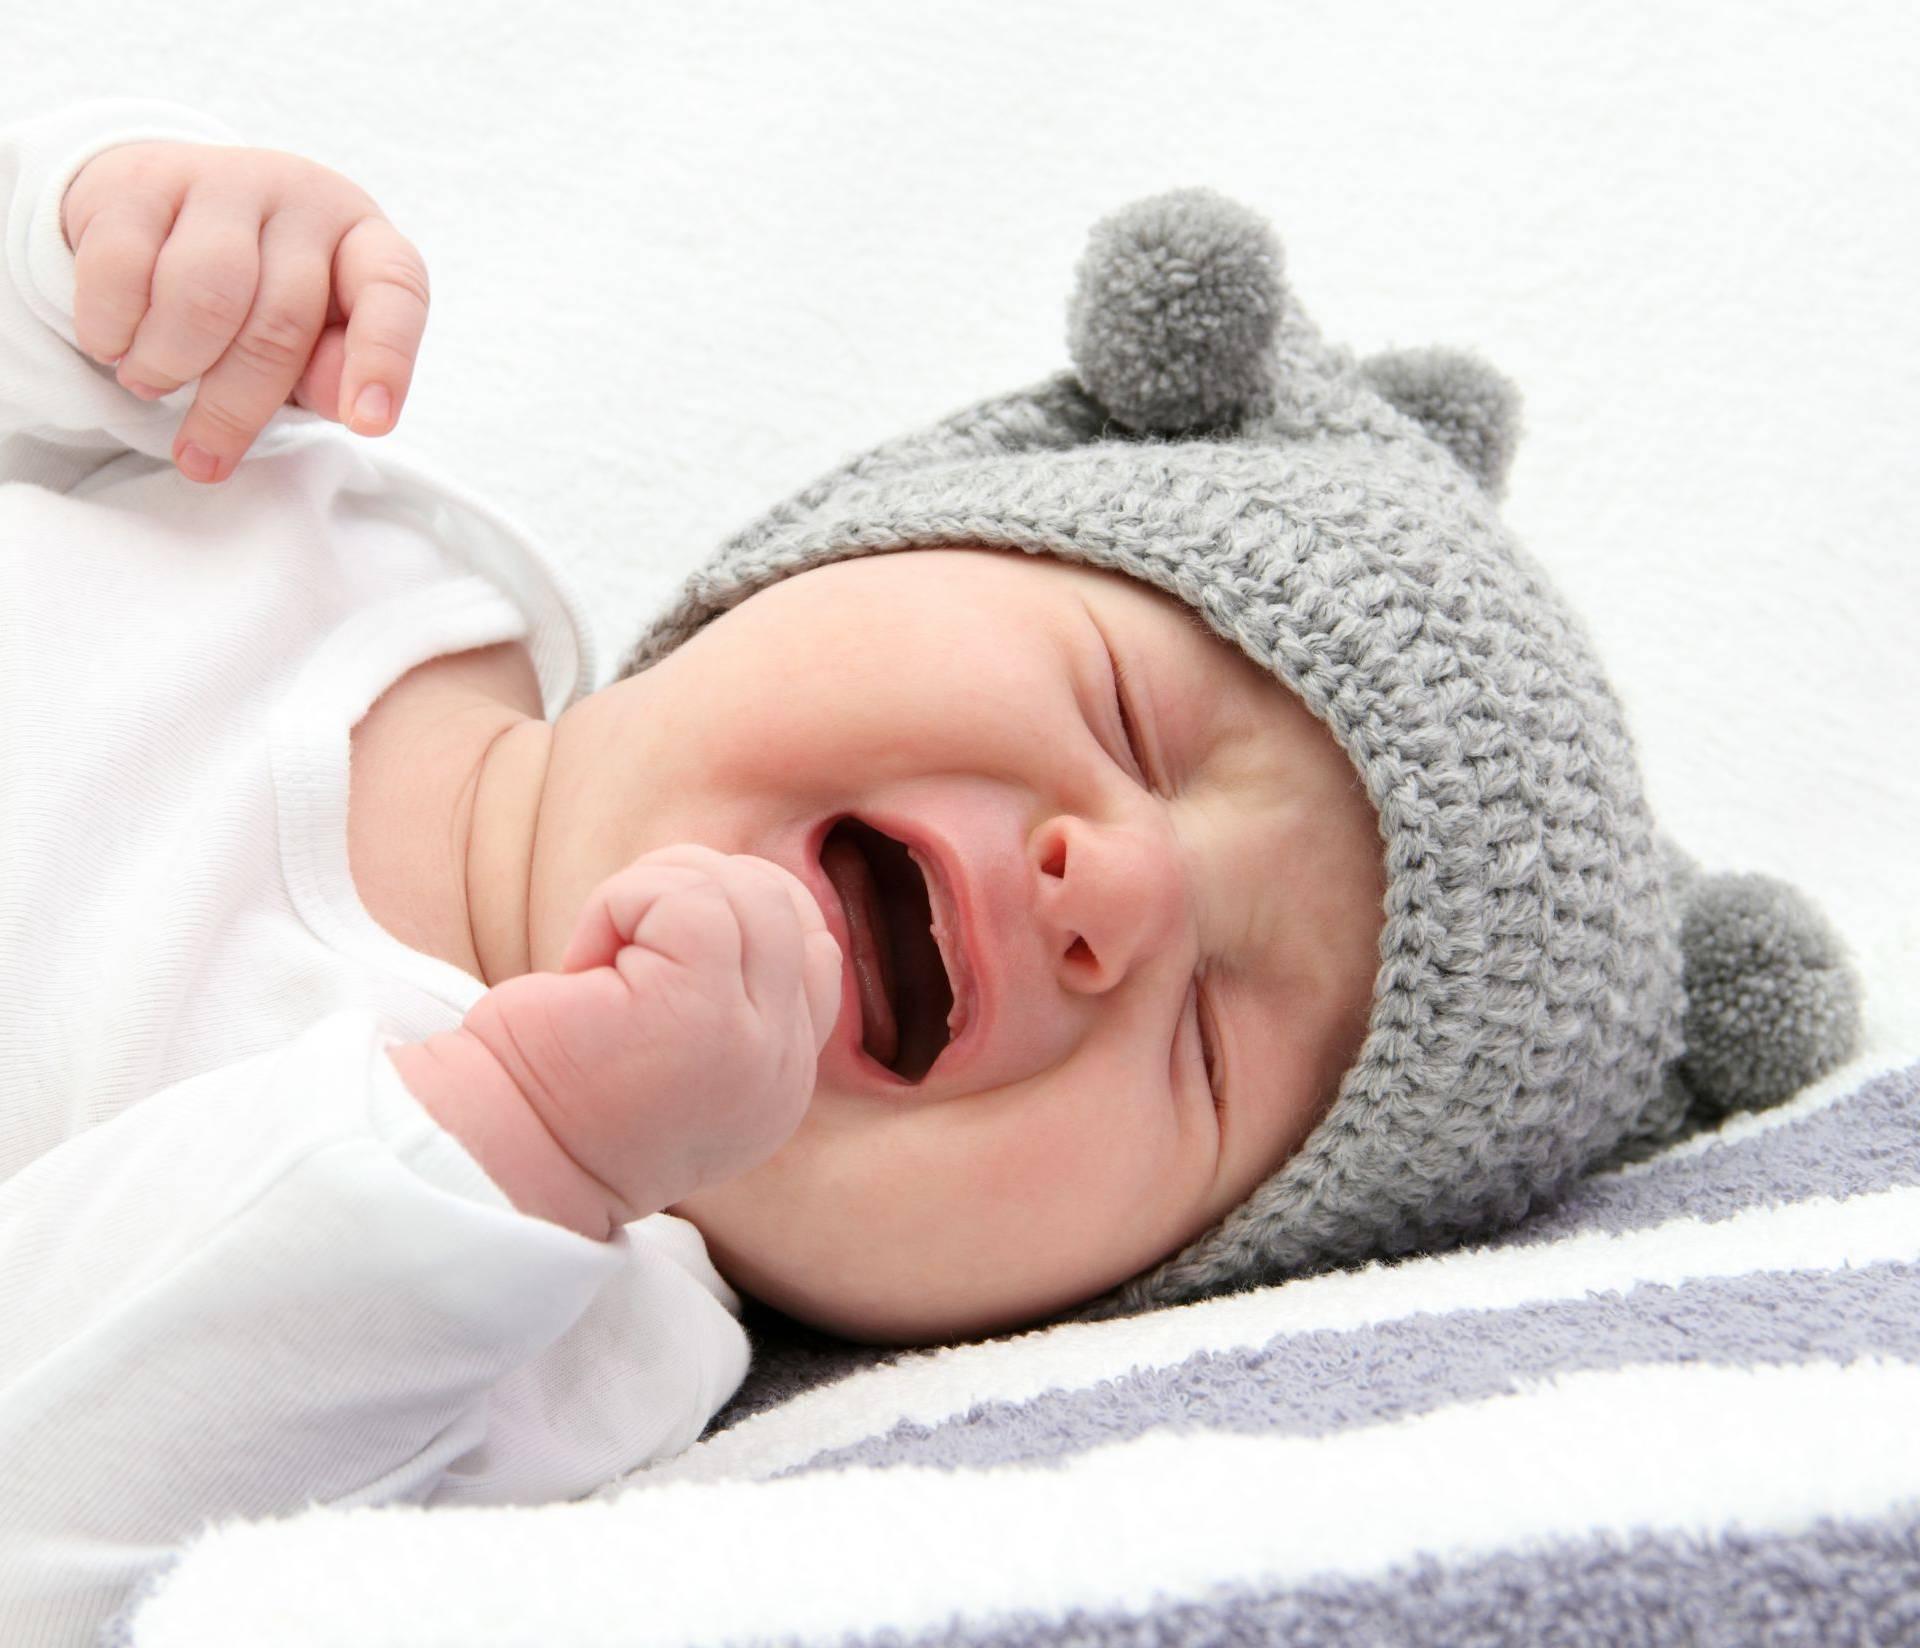 Ako ju nešto jako boli, beba će vas upozoriti glasnijim plačem